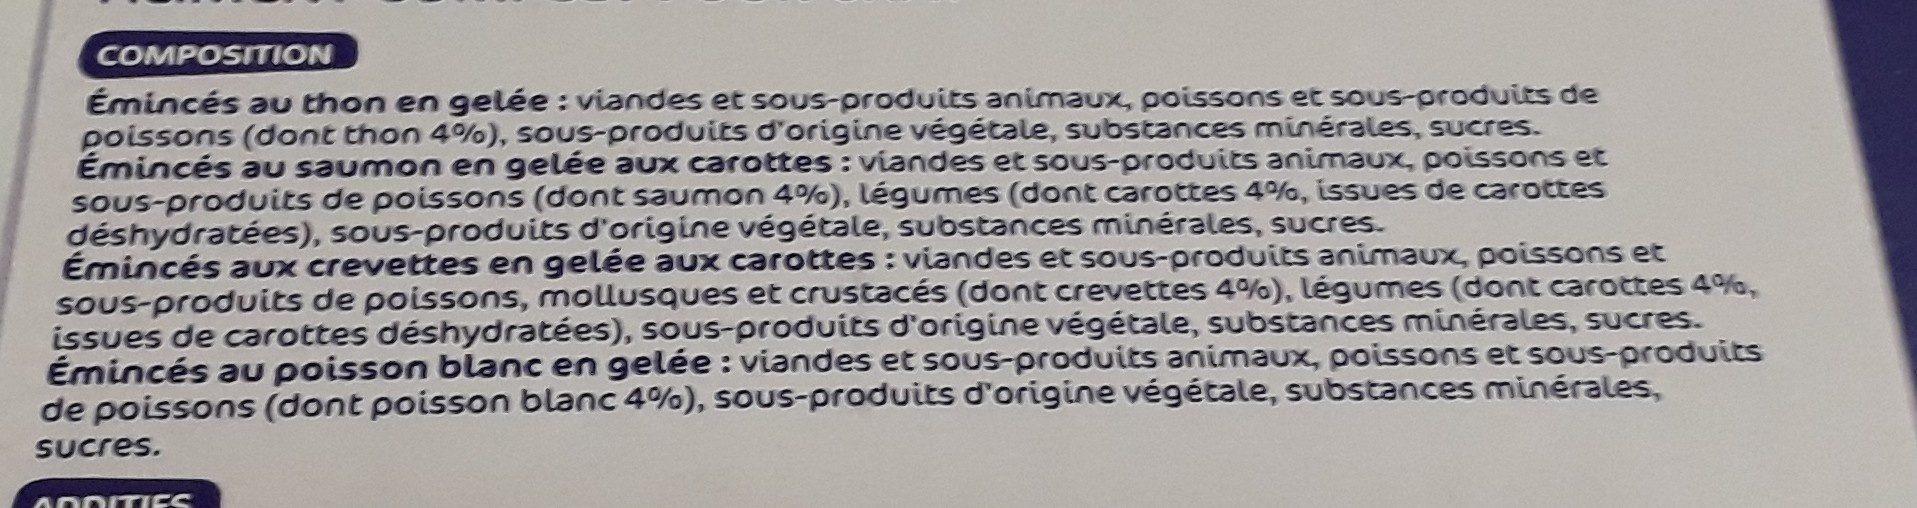 Sachet fraicheur gelée - Ingredients - fr